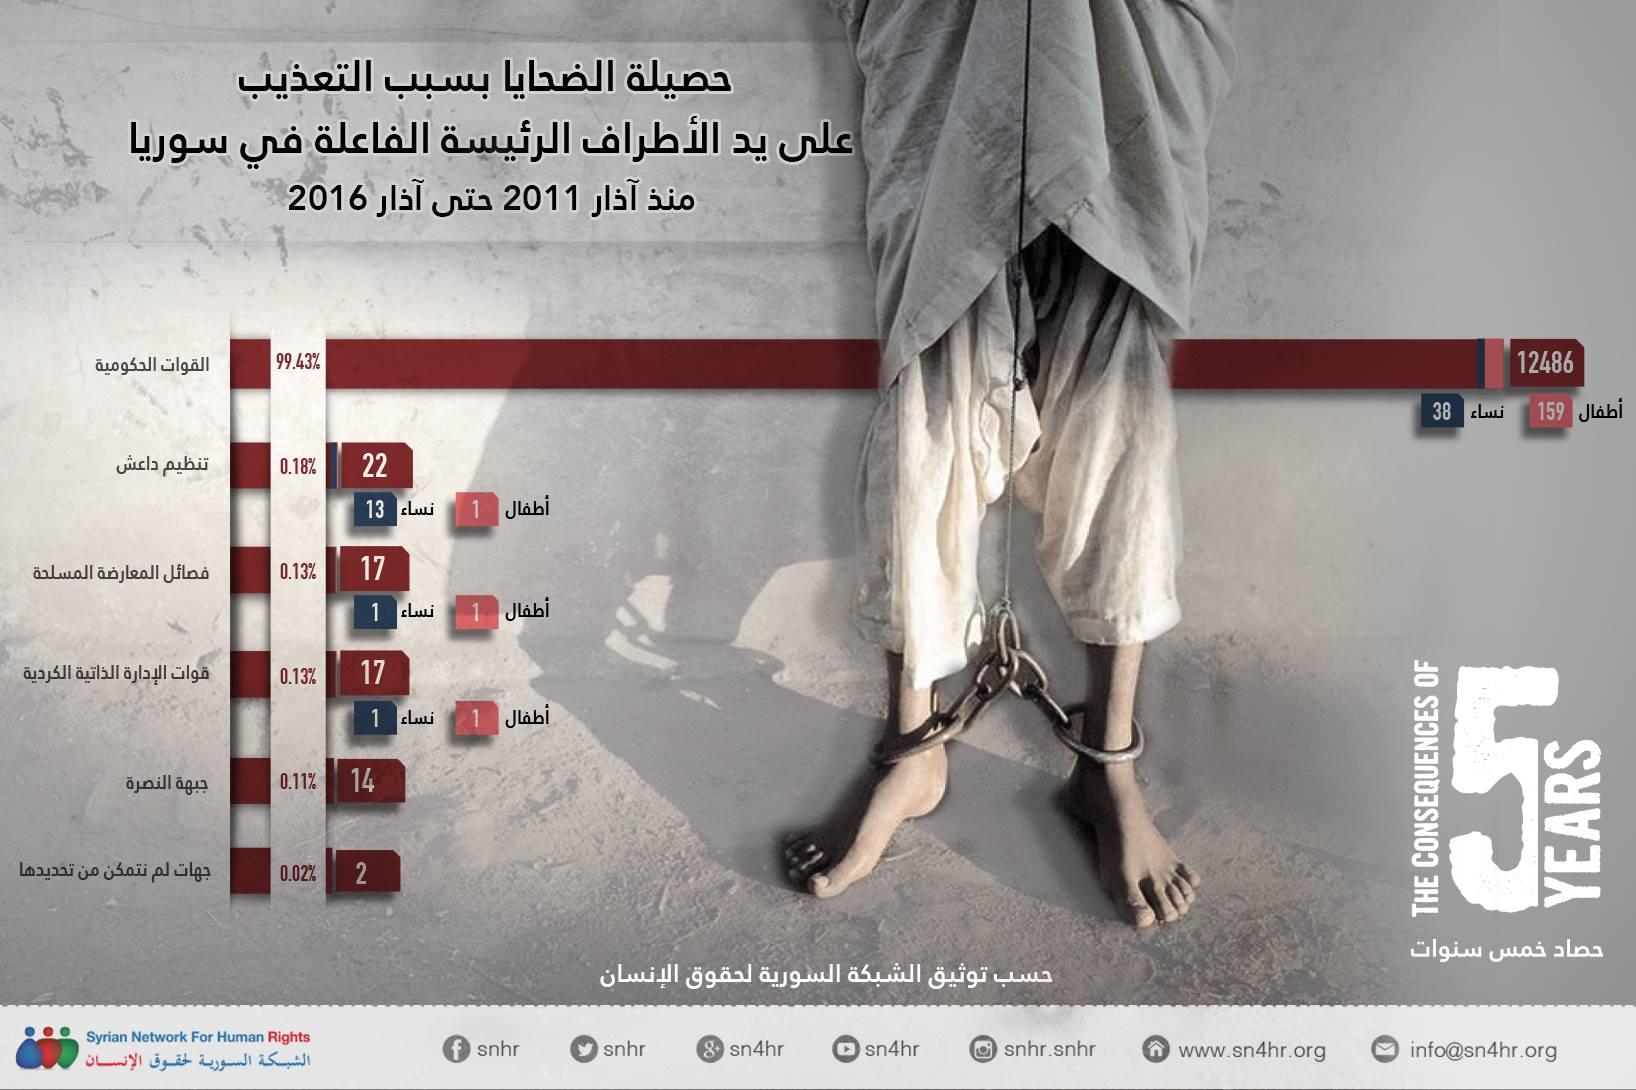 حصيلة ضحايا التعذيب بسوريا